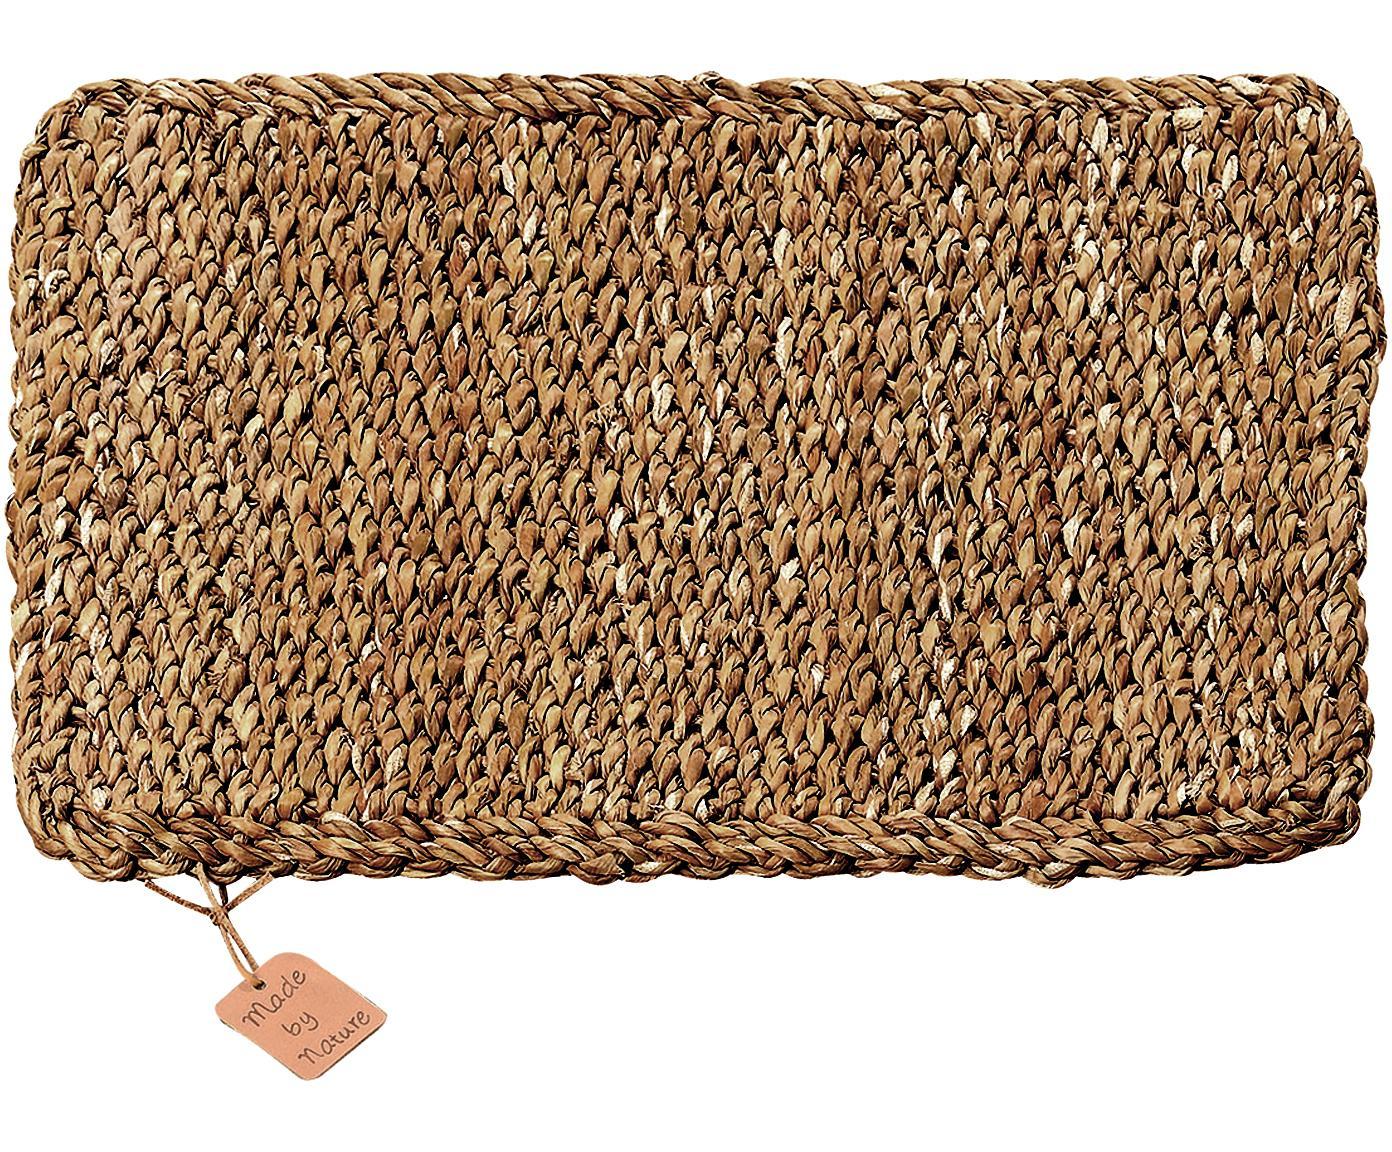 Seegras Tischsets Sophy, 2 Stück, Seegras, Beige, 30 x 41 cm